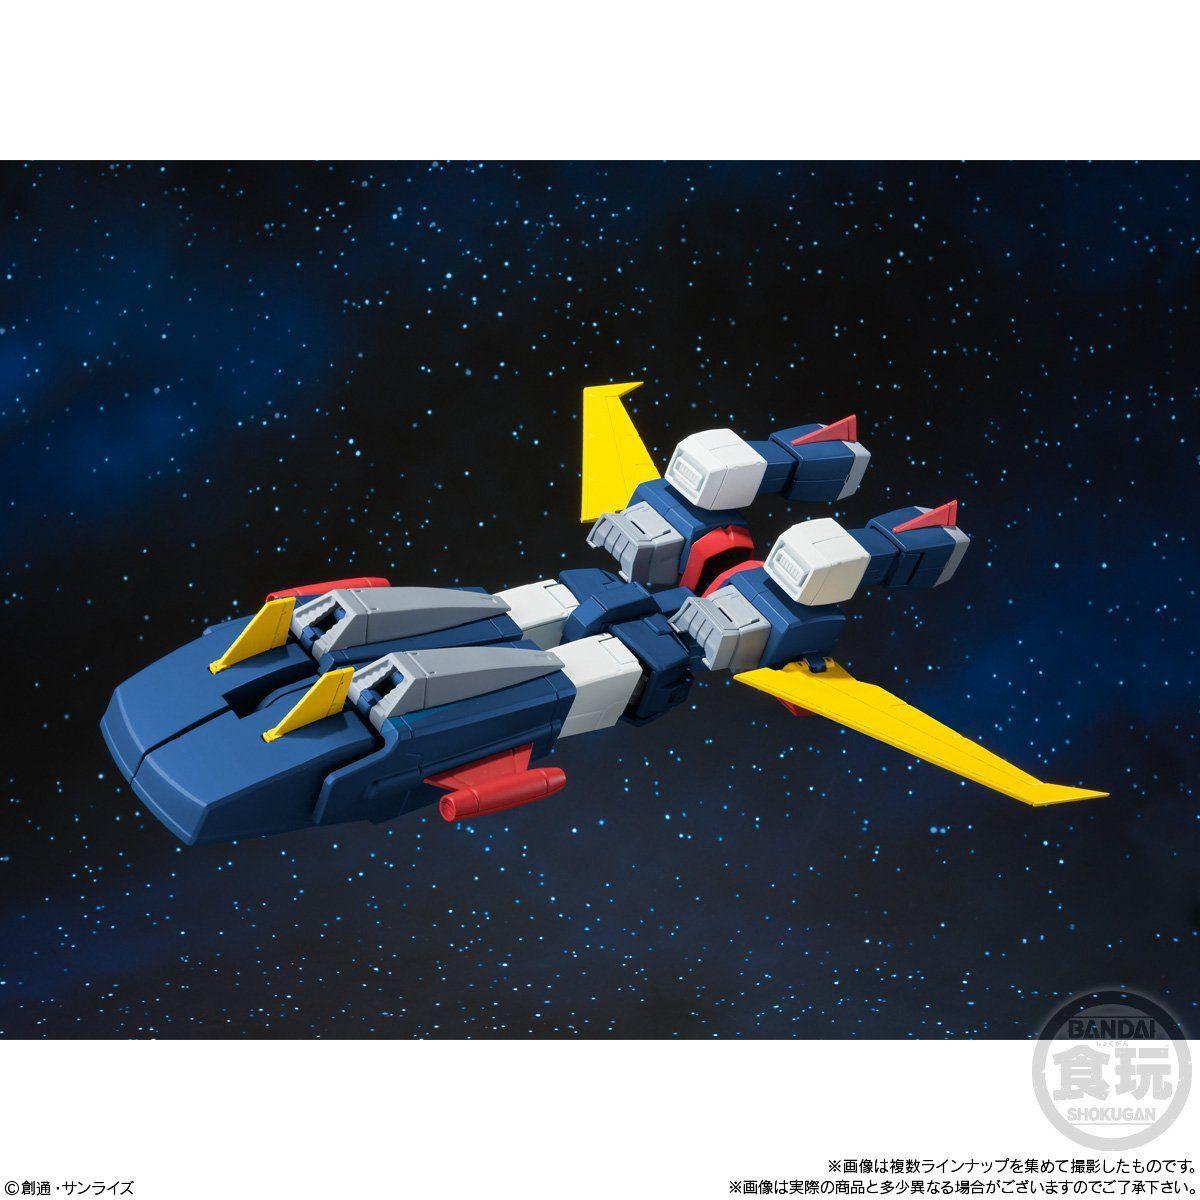 【食玩】スーパーミニプラ『無敵ロボ トライダーG7』3個入りBOX-005